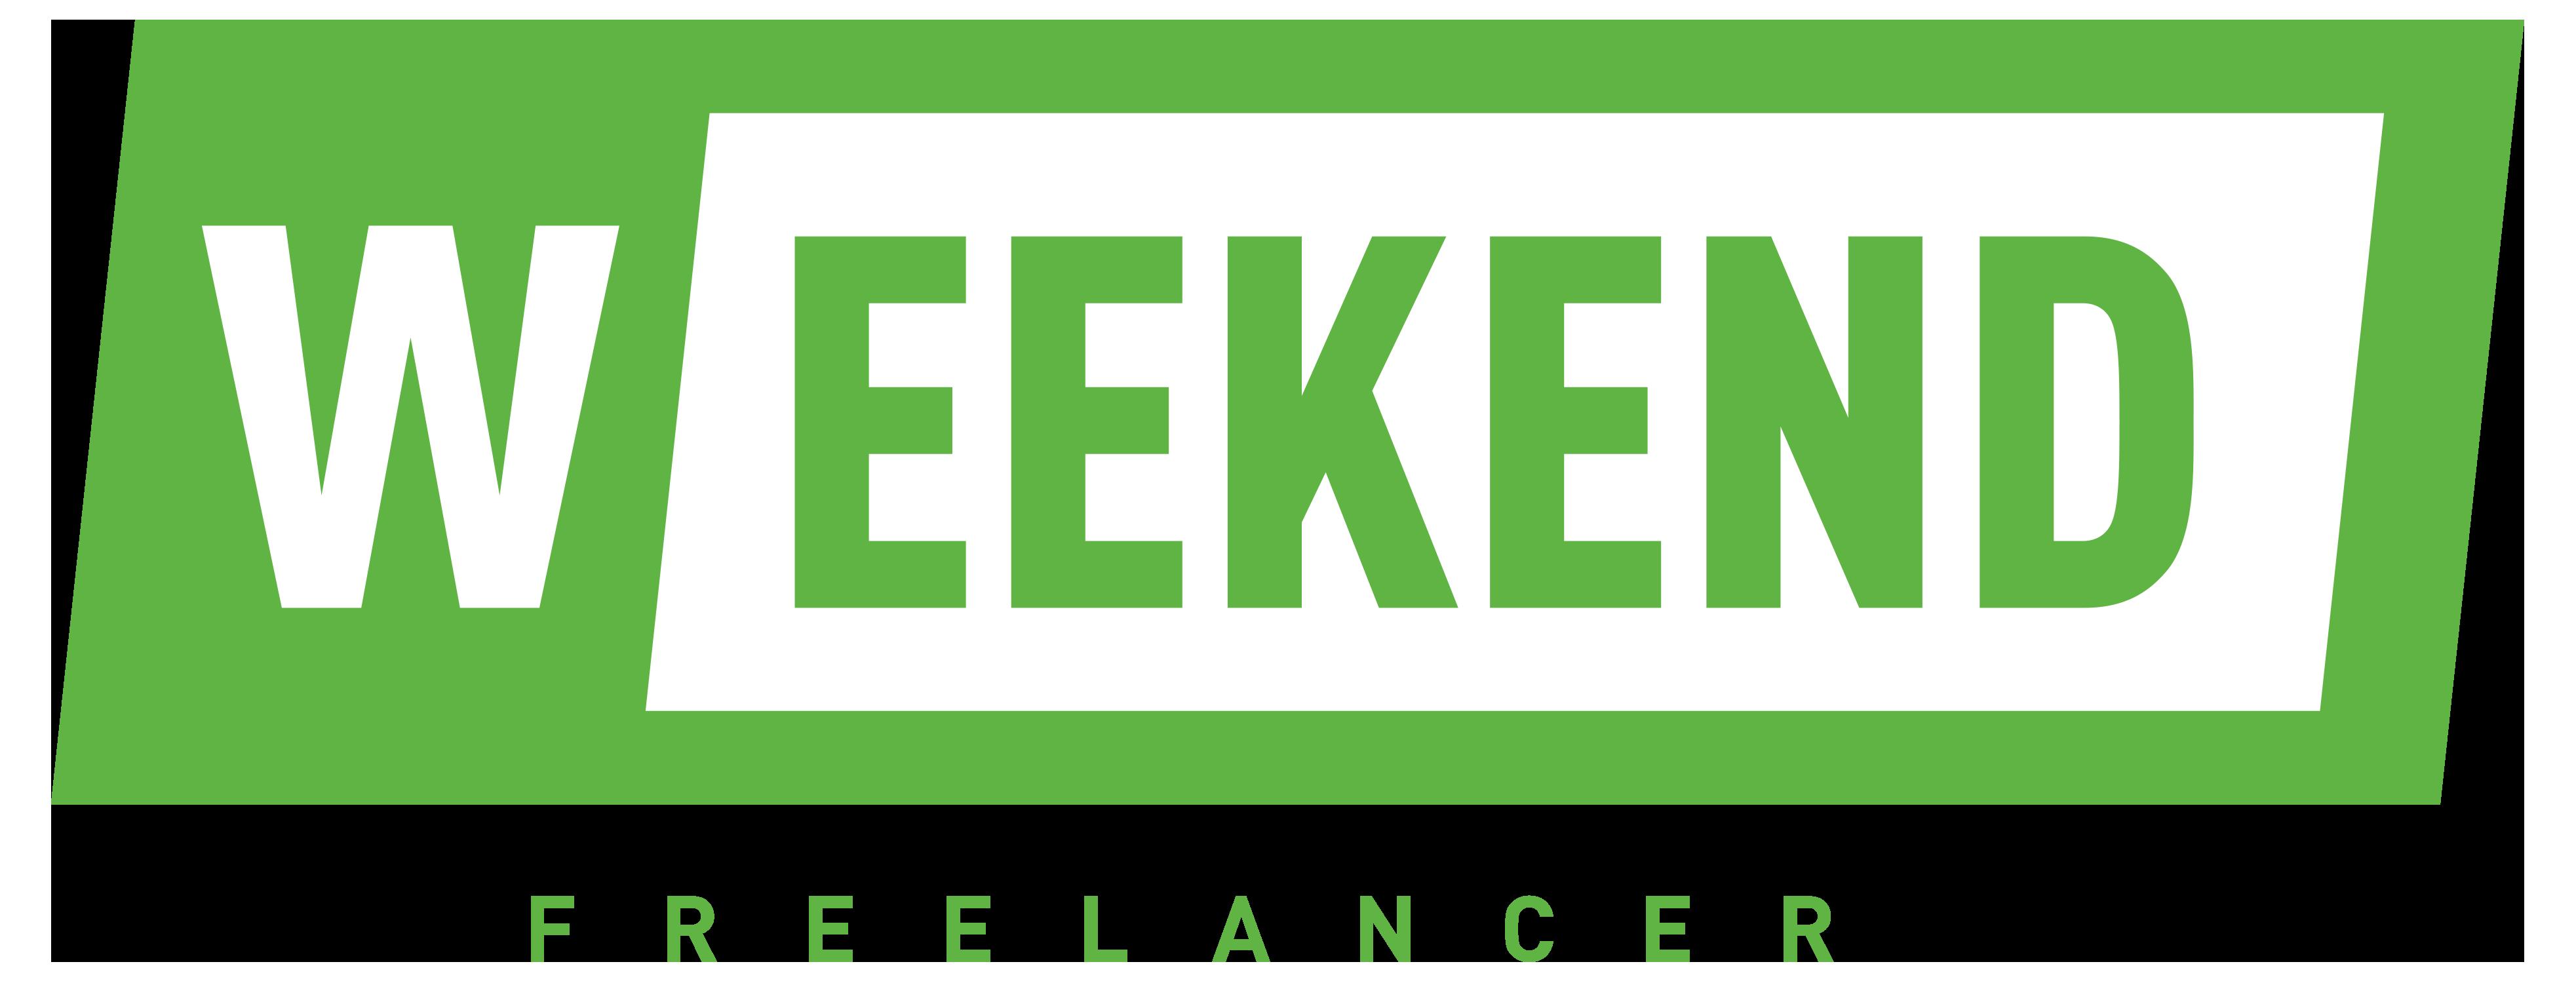 WeekendFreelancer_Logo